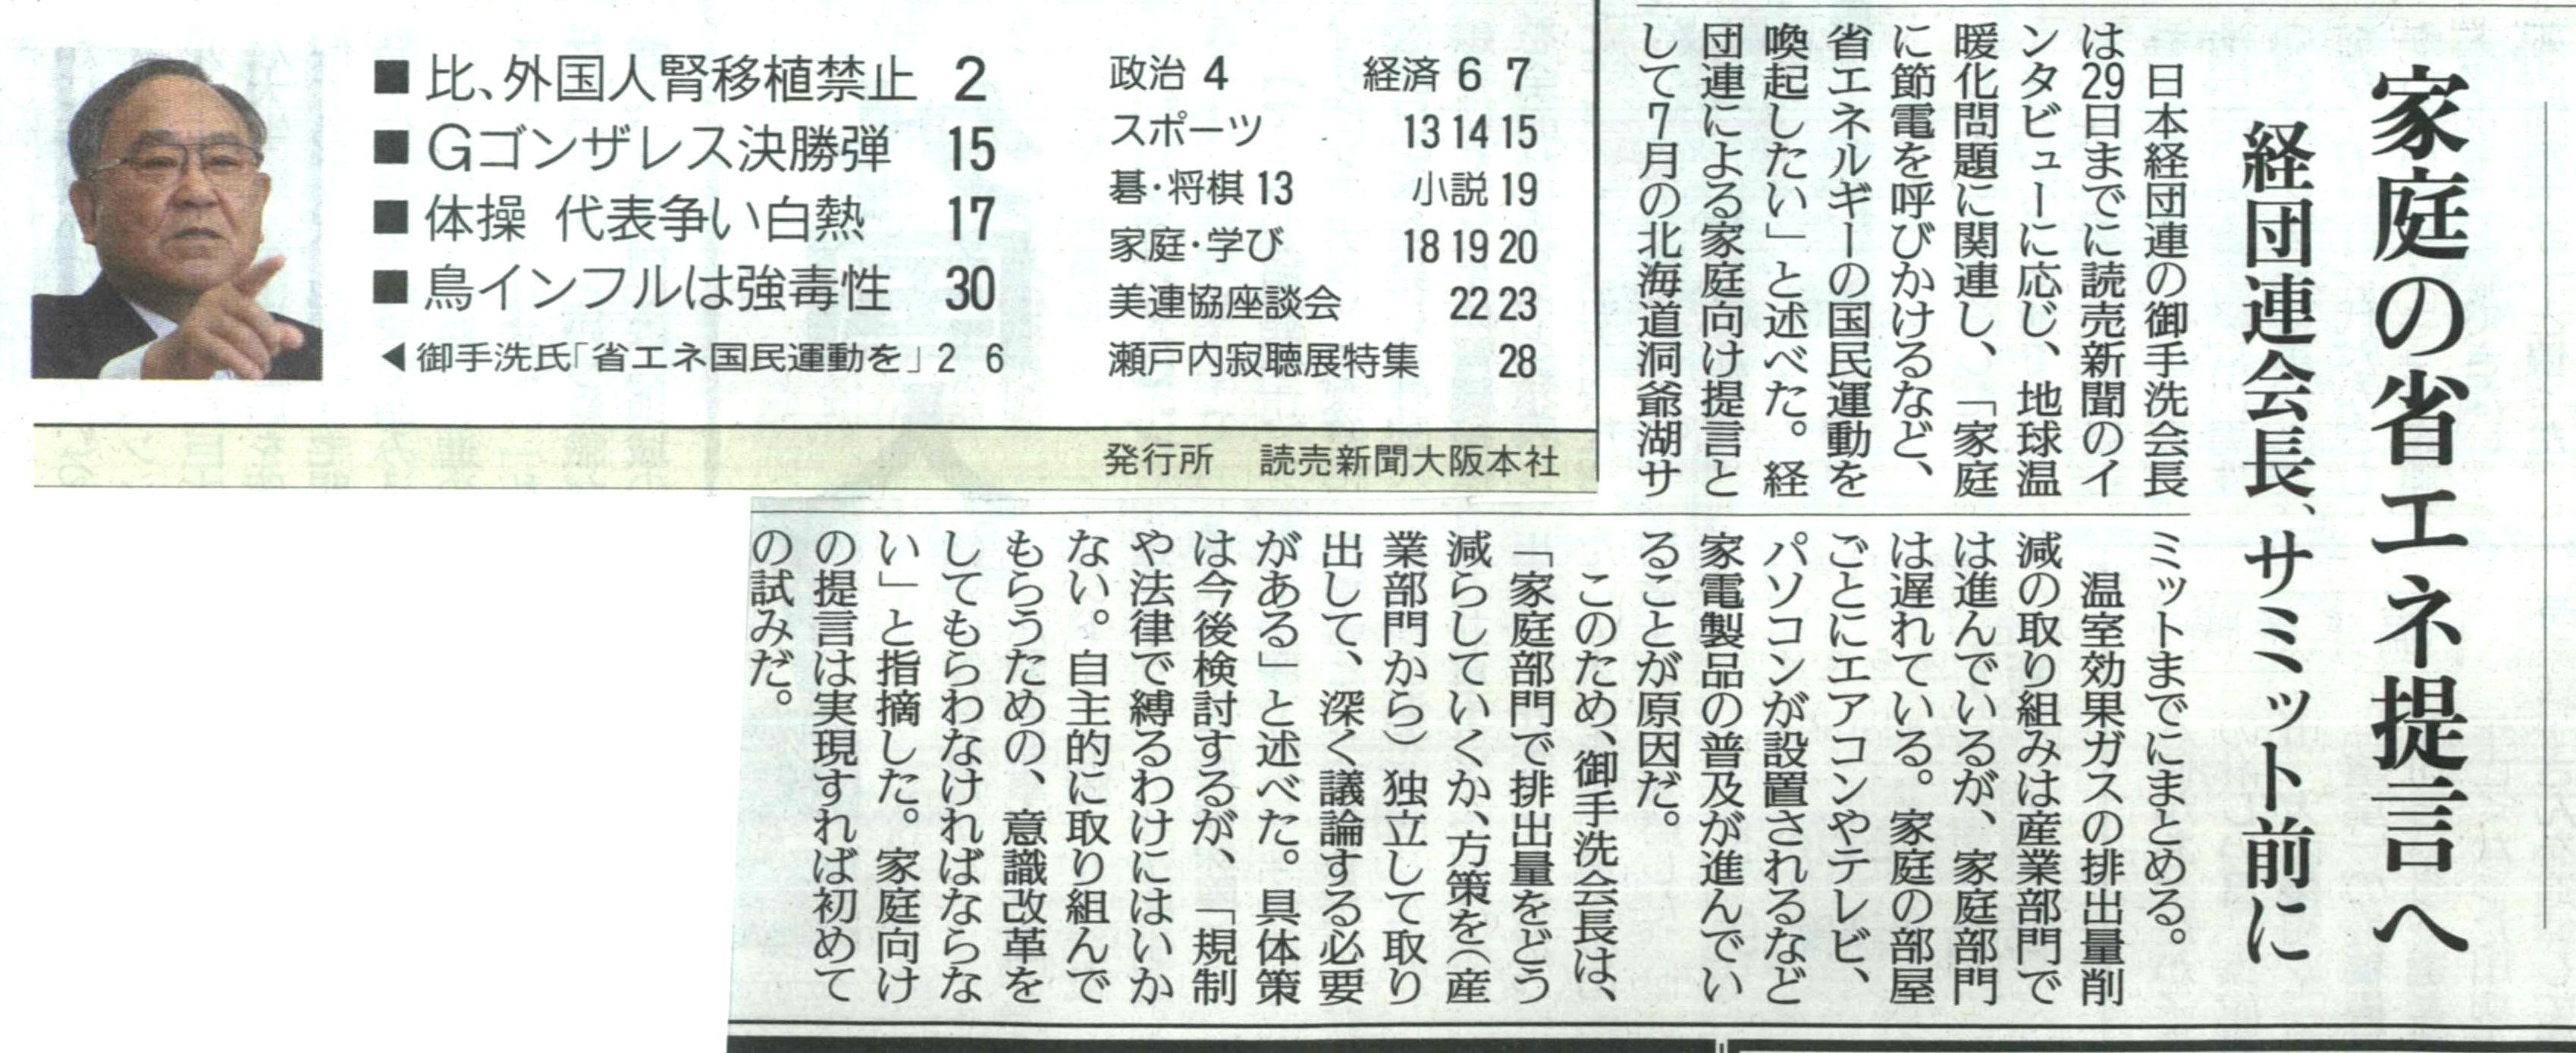 経団連御手洗会長 『家庭の省エネ国民運動を』提言